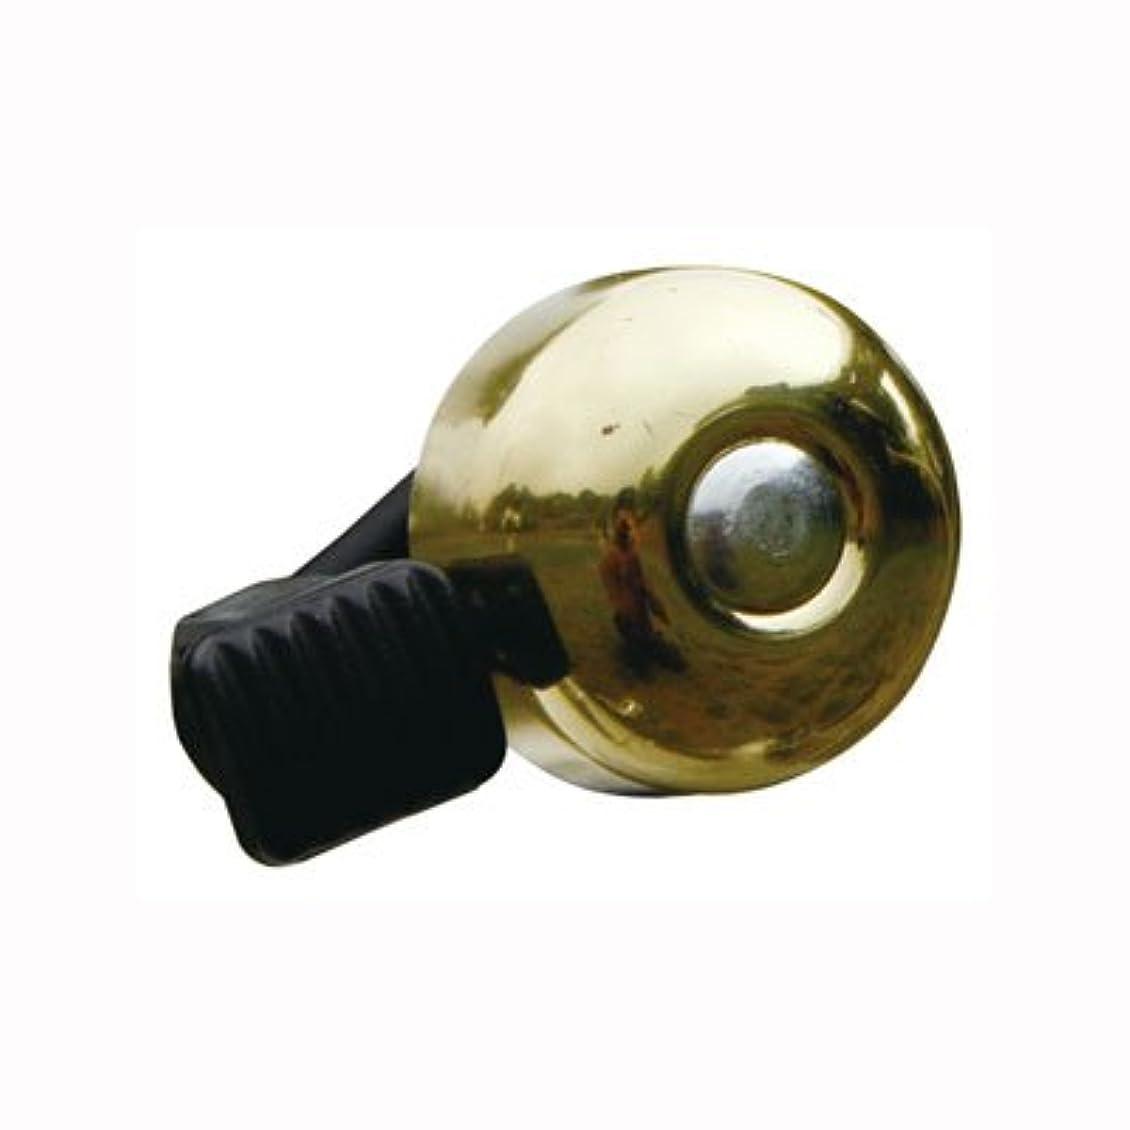 熟考する切り刻むピービッシュライトウェイ 2012 ゴムバンドドメ 真鍮 カラー:ブラック